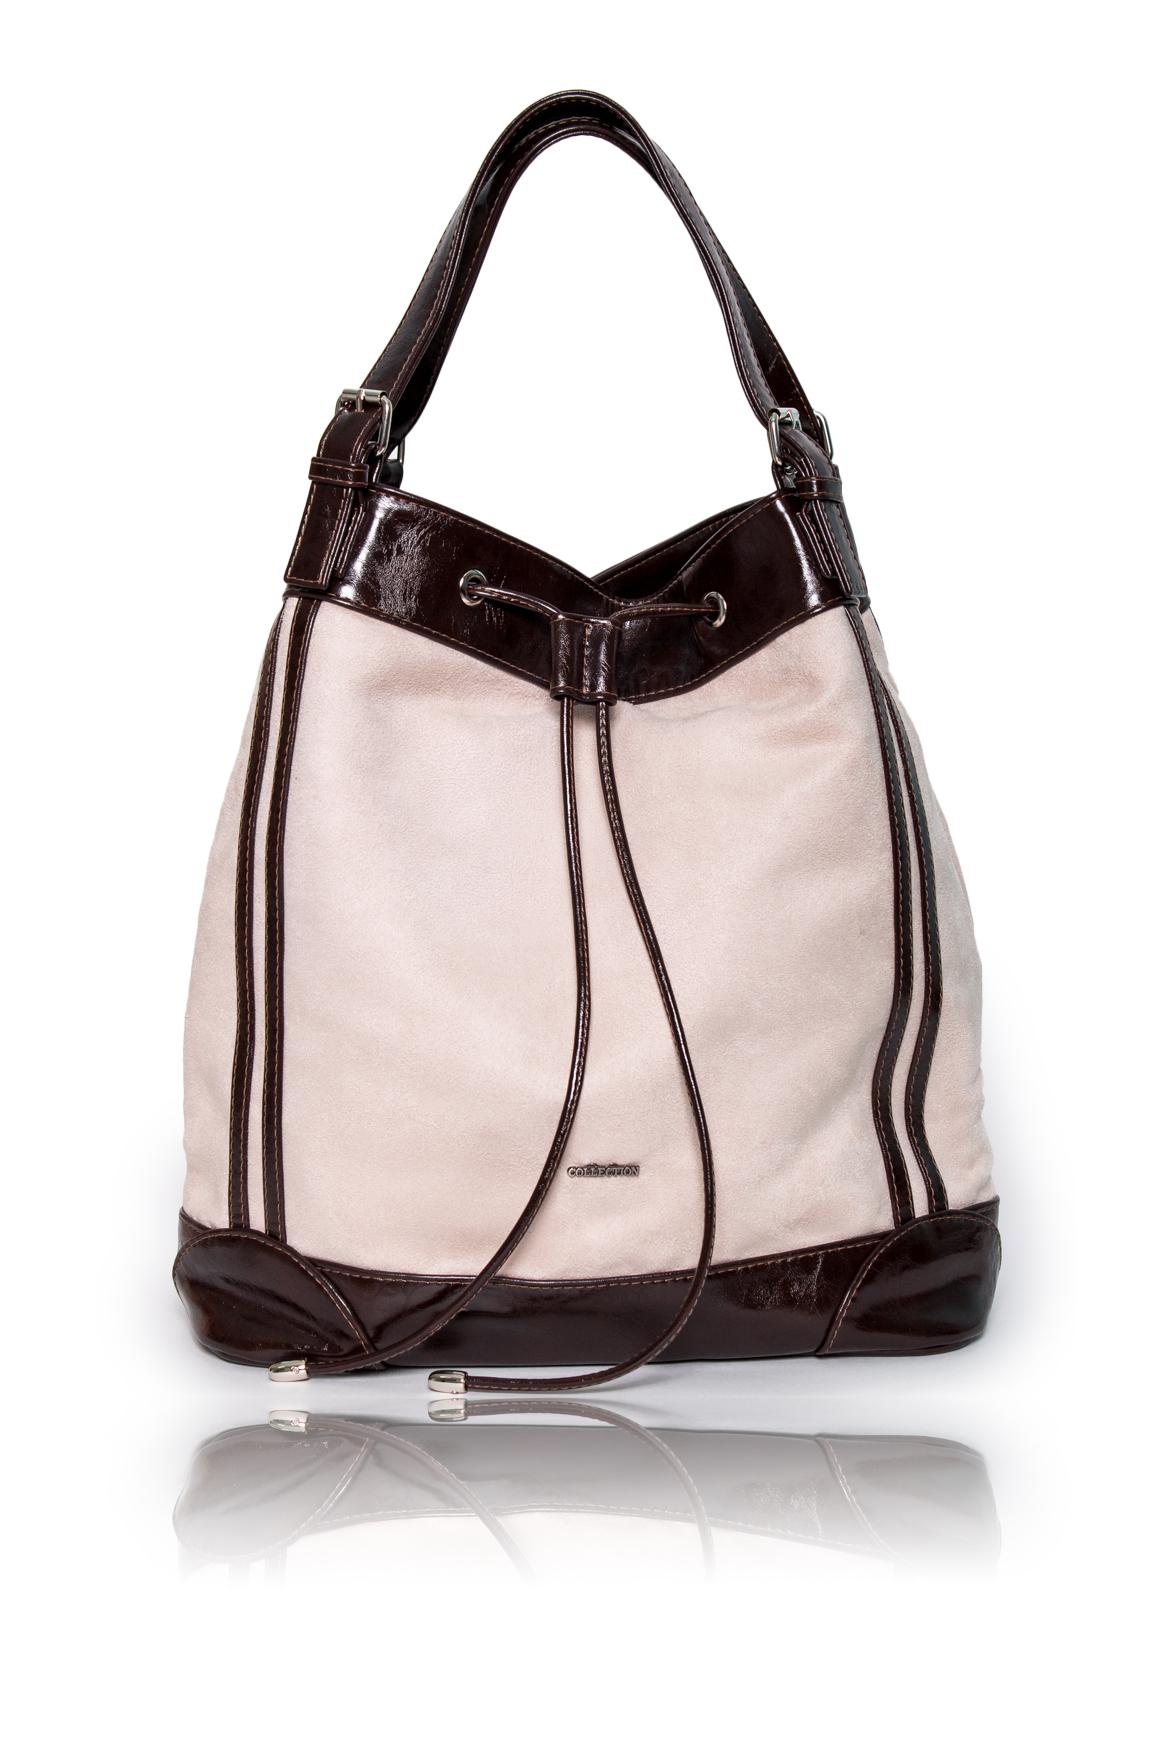 СумкаКлассические<br>Женские сумки бренда DINESSI - это стильные аксессуары, которые по достоинству оценят представительницы прекрасного пола.  Сумка quot;мешокquot; с донышком, с застежкой на магнит с затяжкой. Две короткие ручки и отстегивающаяся, регулируемая, длинная лямка.  На задней части сумки карман на молнии. Внутри карман на молнии и два накладных кармана.   Цвет: бежевый (замша), коричневый (искусственная кожа).  Размеры: Высота - 37 ± 1 см Длина - 33 ± 1 см Ширина - 17 ± 1 см Длина ручек - 39 ± 1 см<br><br>По материалу: Искусственная кожа,Замша<br>По размеру: Средние<br>По рисунку: Цветные<br>По способу ношения: В руках,На запастье,На плечо,Через плечо<br>По степени жесткости: Мягкие<br>По типу застежки: На магните,С застежкой молнией<br>По элементам: Карман на молнии,Карман под телефон,С ремнями<br>Ручки: Длинные,Короткие,Регулируемые<br>По форме: Трапециевидные<br>Размер : UNI<br>Материал: Искусственная кожа + Искусственная замша<br>Количество в наличии: 1